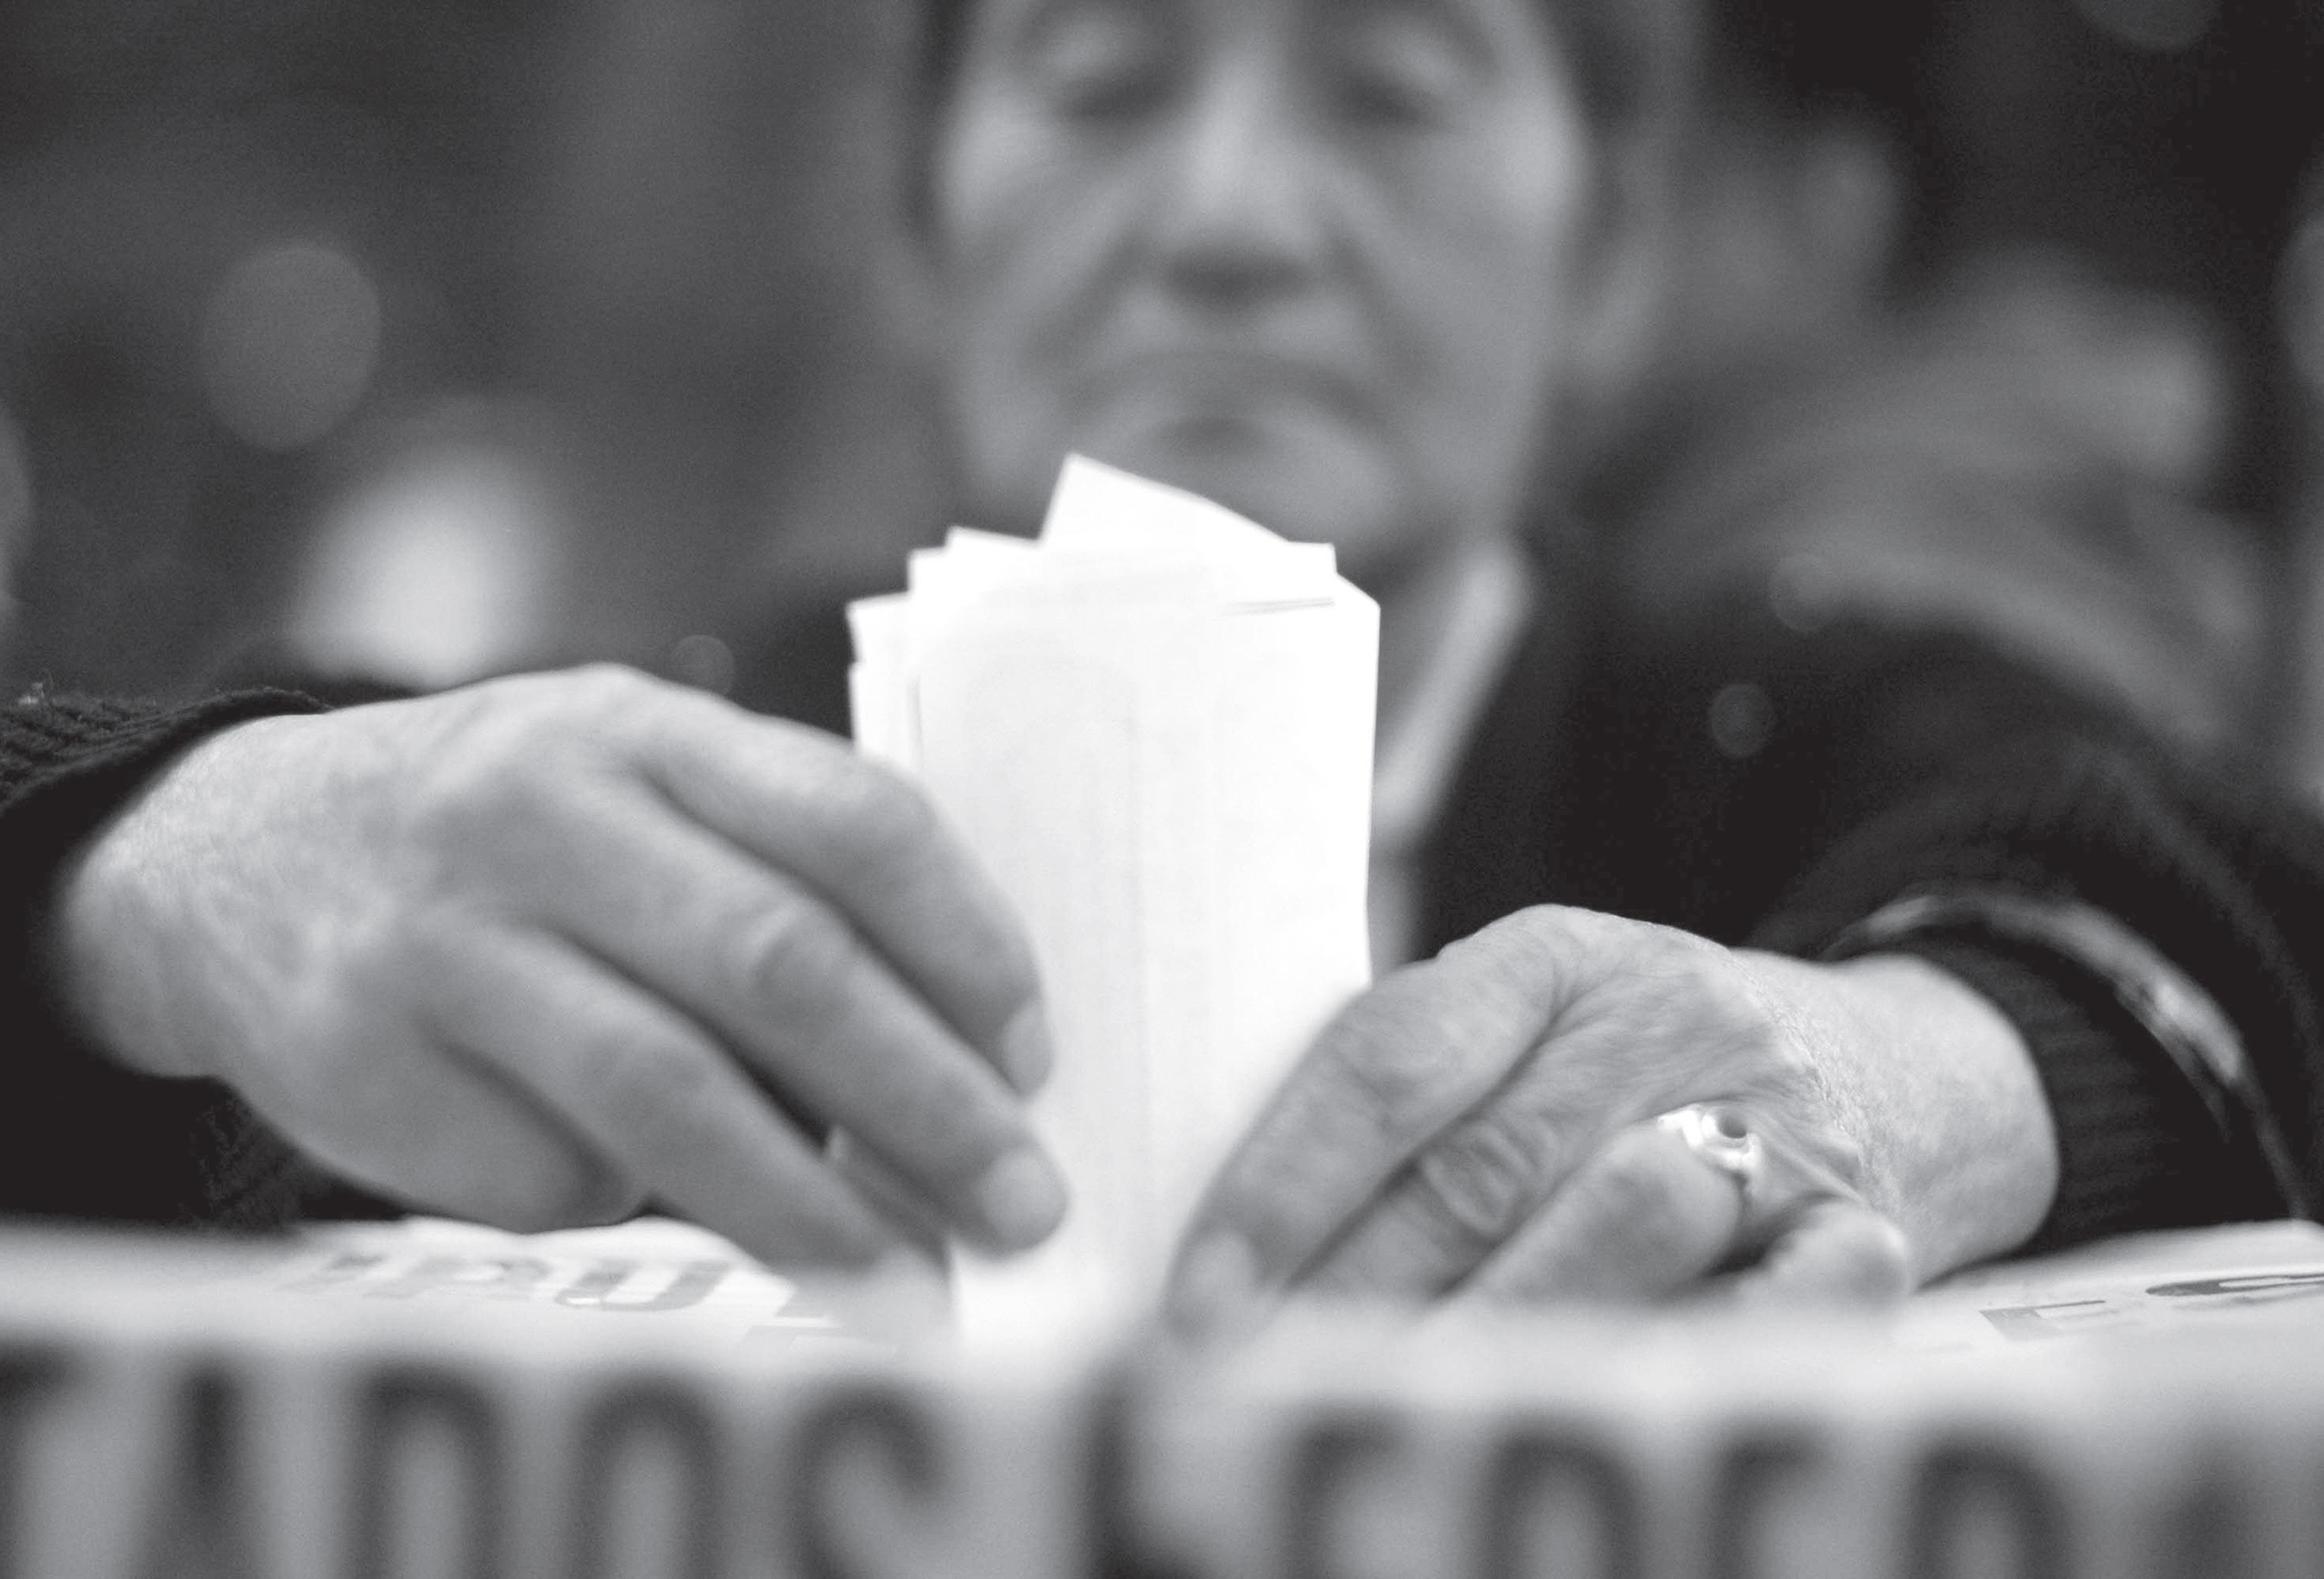 Viejos o Antiguos… La importancia del voto en la adultez mayor